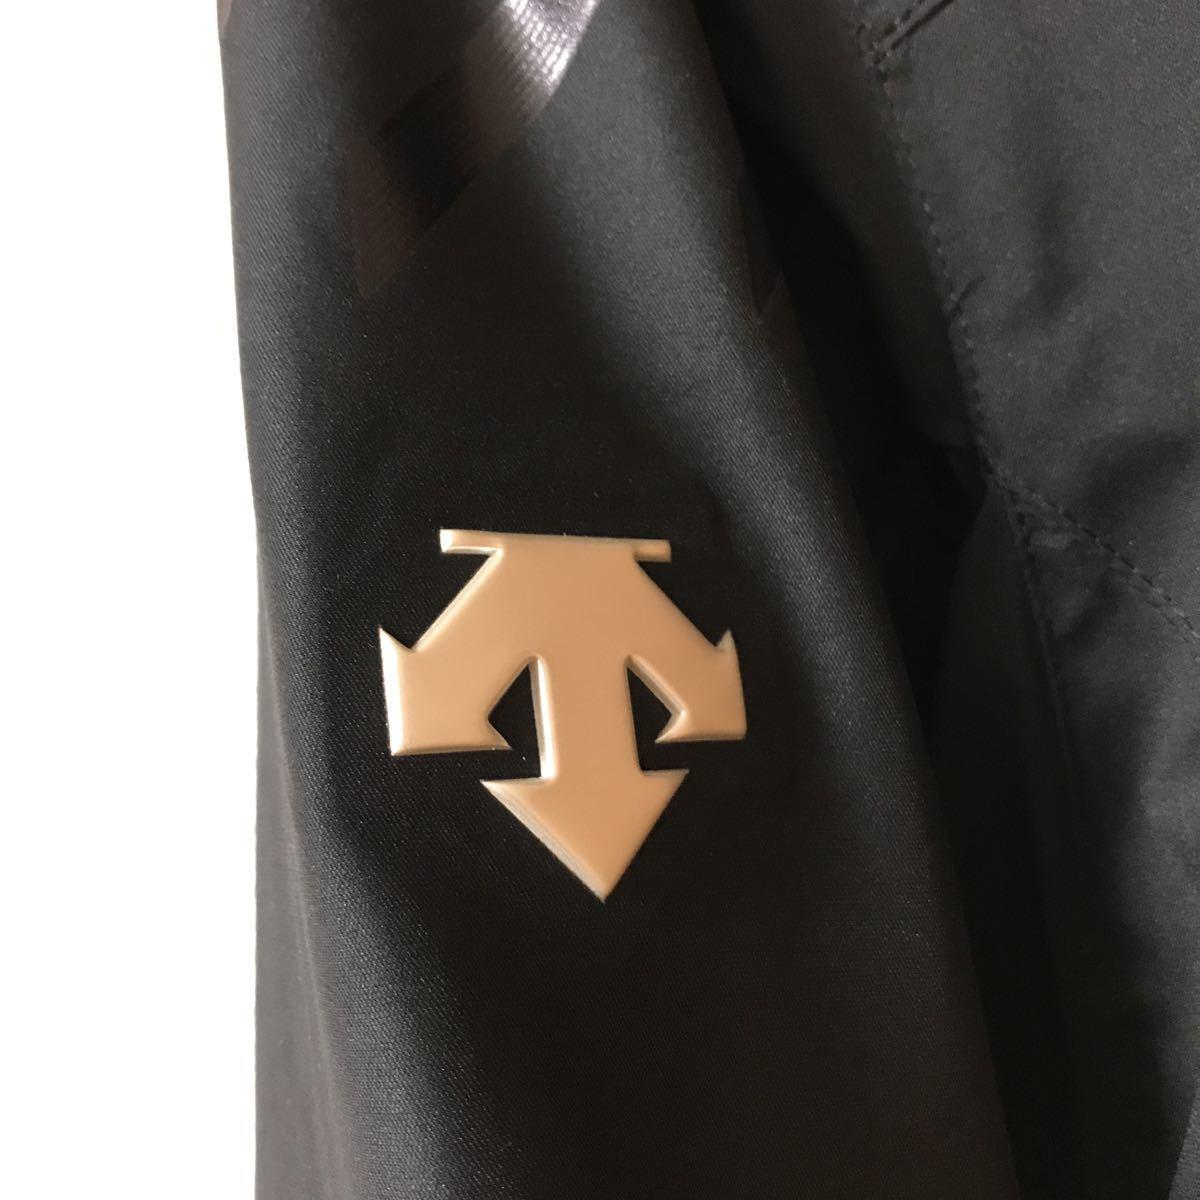 デサント S.I.O JACKET スキージャケット メンズ Sサイズ 送料込み!普段着使いとしてスキー場では未着用です!_画像10